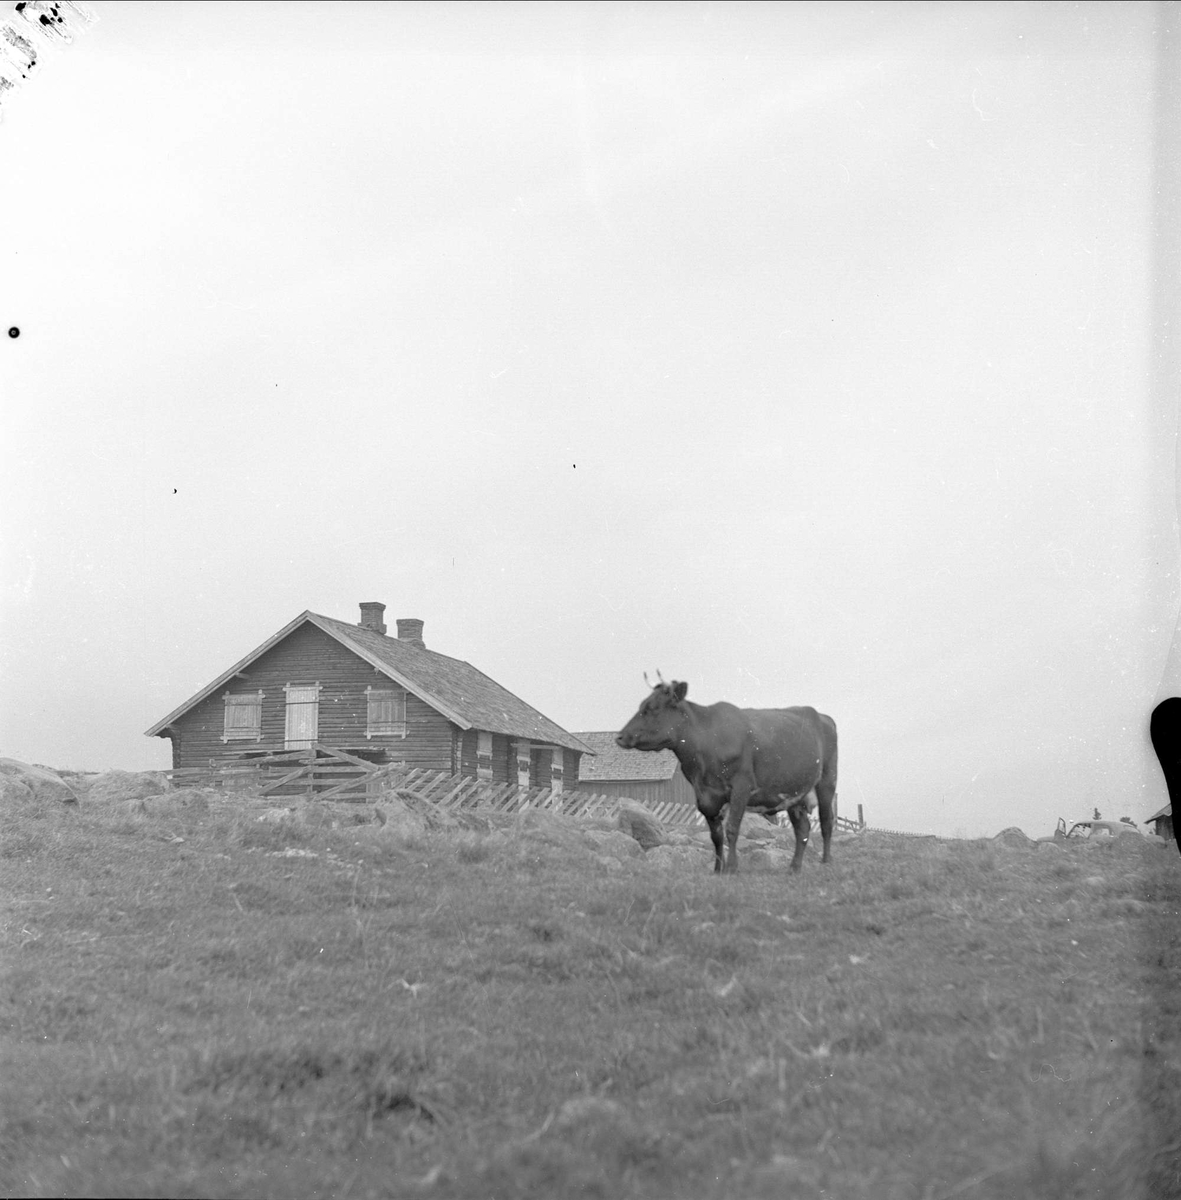 Ringsaker, Hedmark, 20.08.1955. Ku på beite.